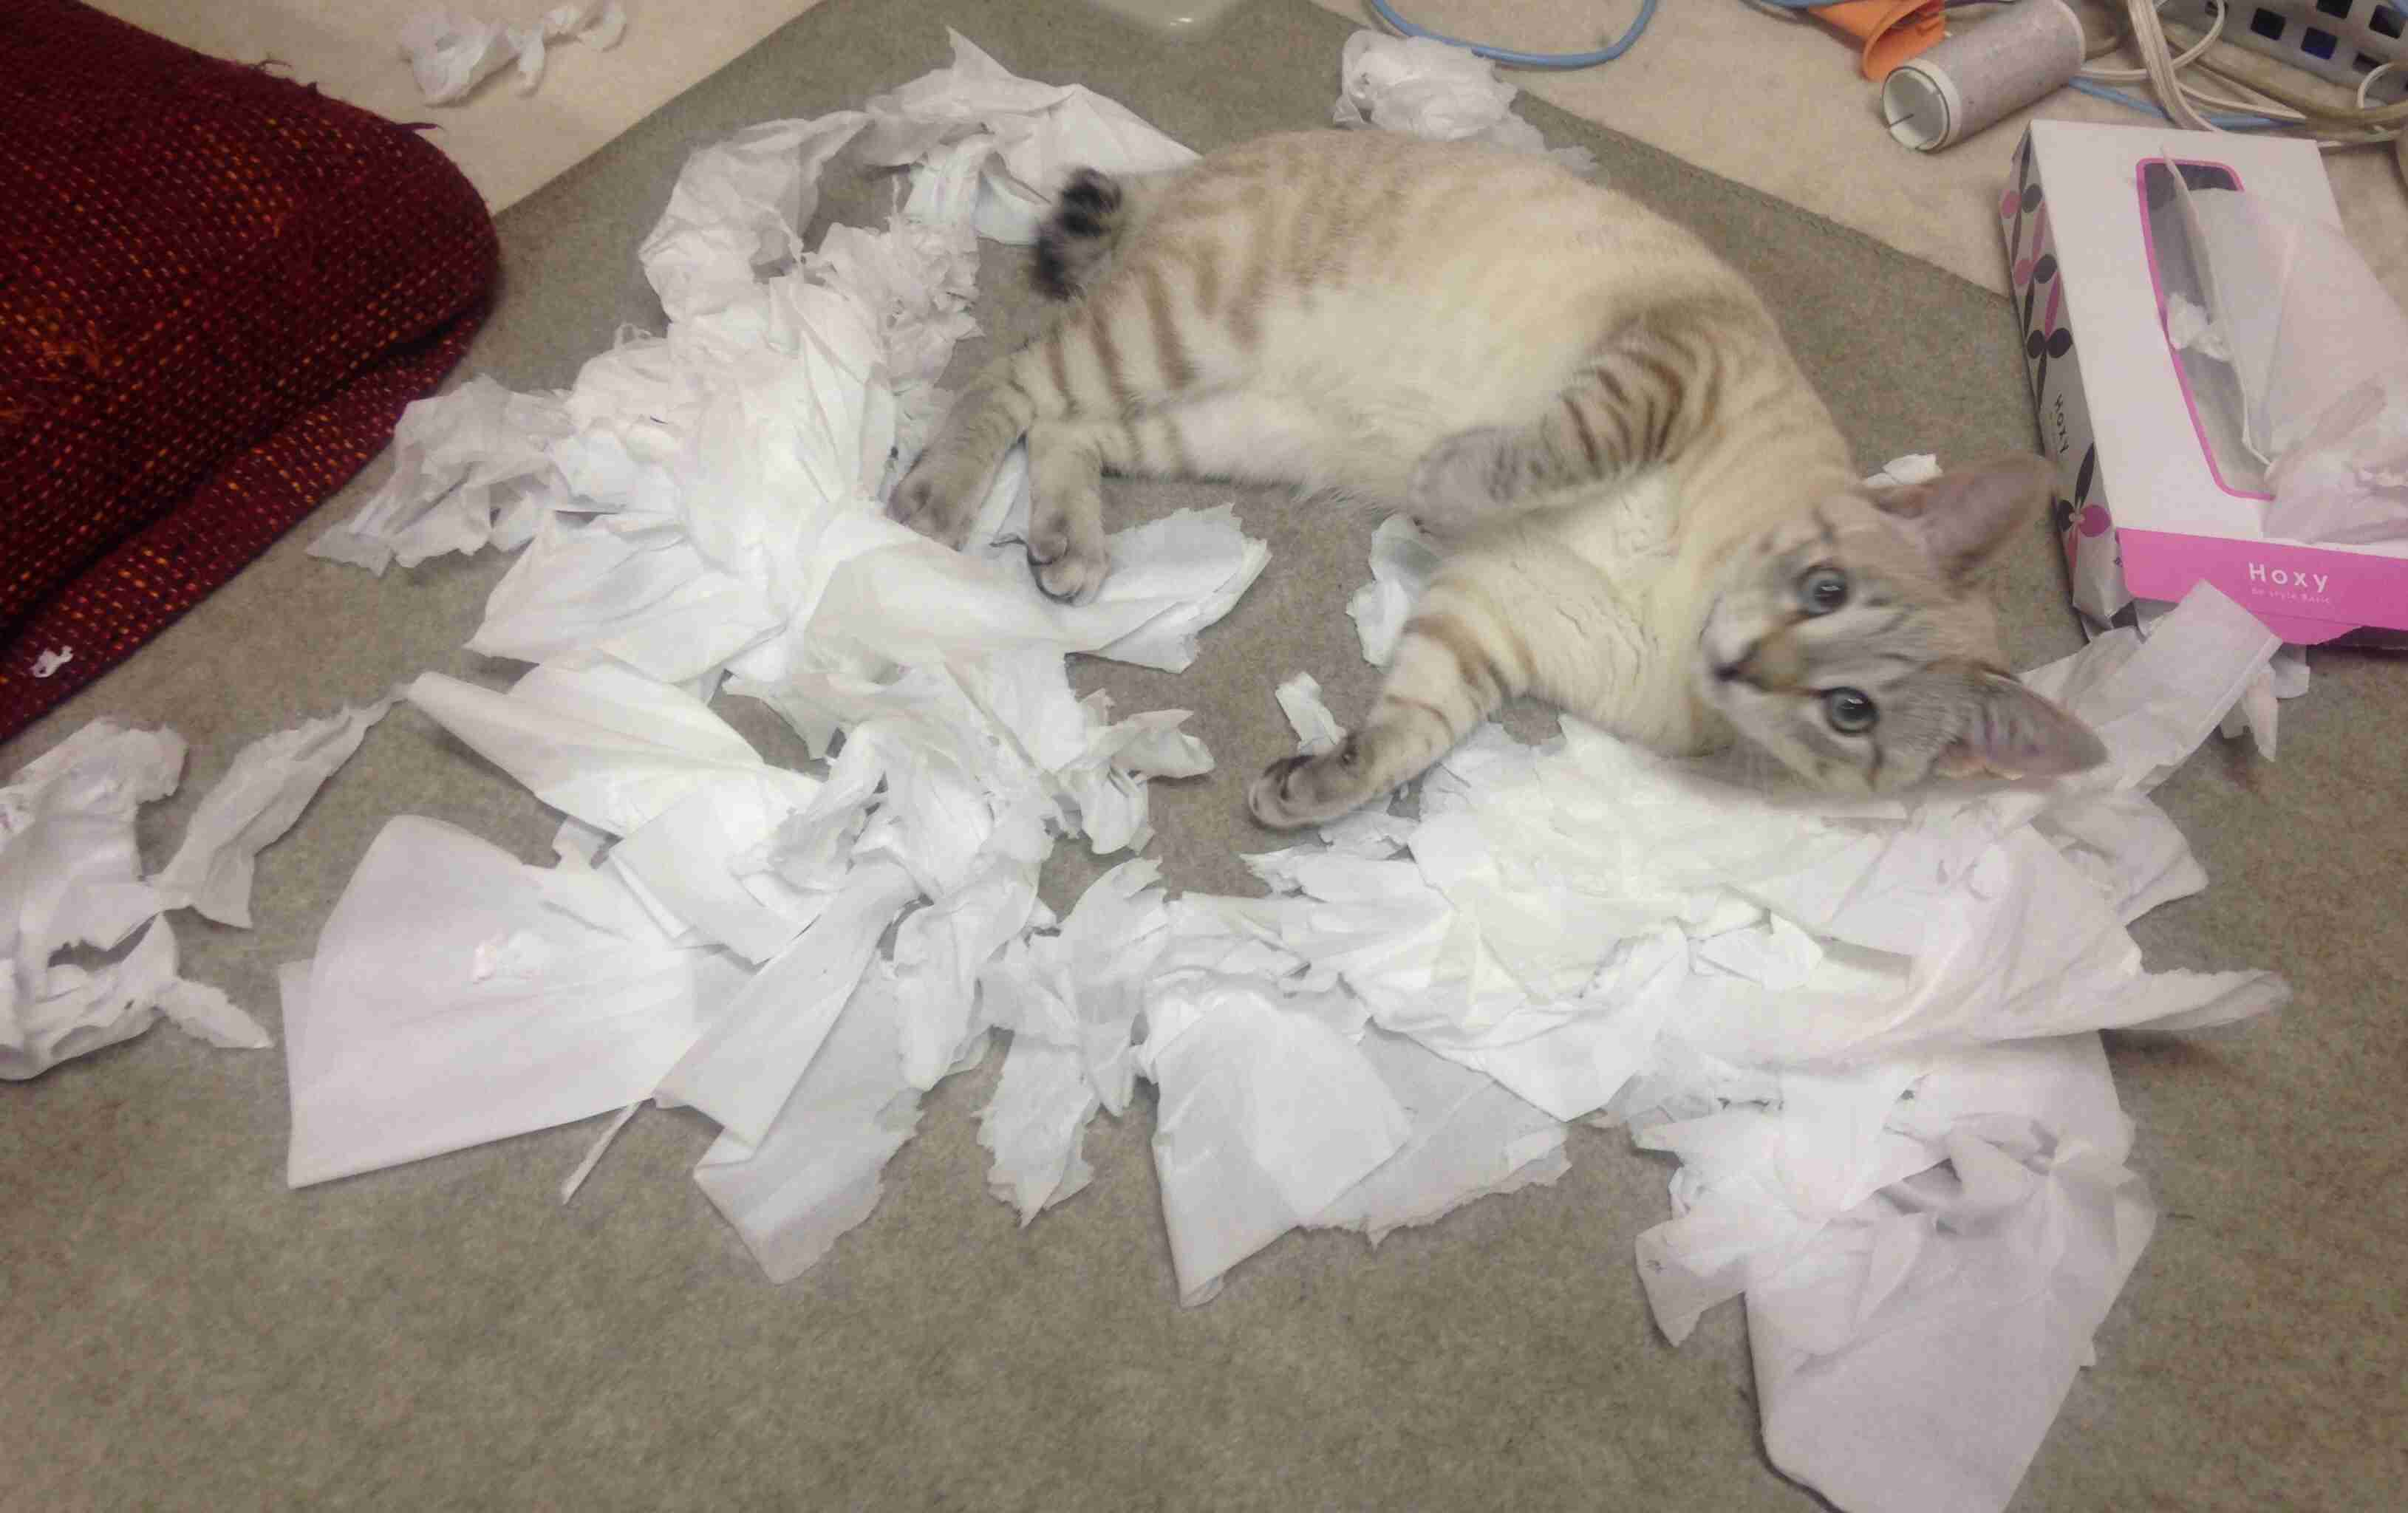 あなたの飼い猫がやらかしちゃったこと